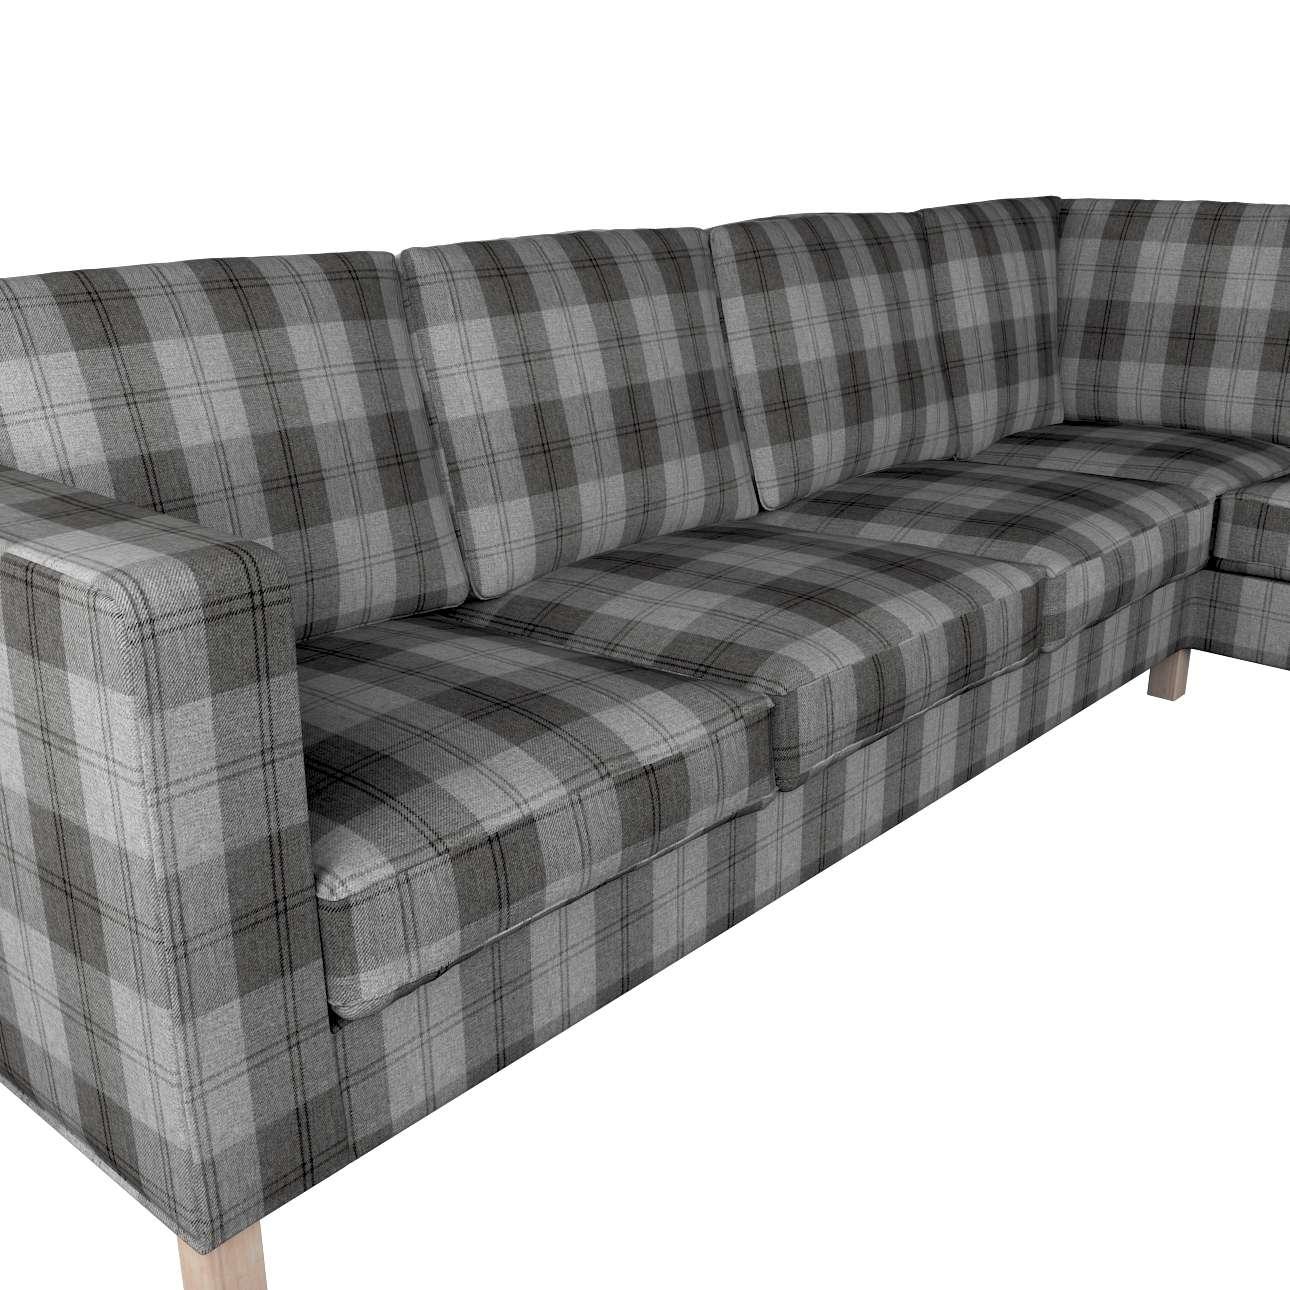 Pokrowiec na sofę narożną lewostronną Karlanda w kolekcji Edinburgh, tkanina: 115-75